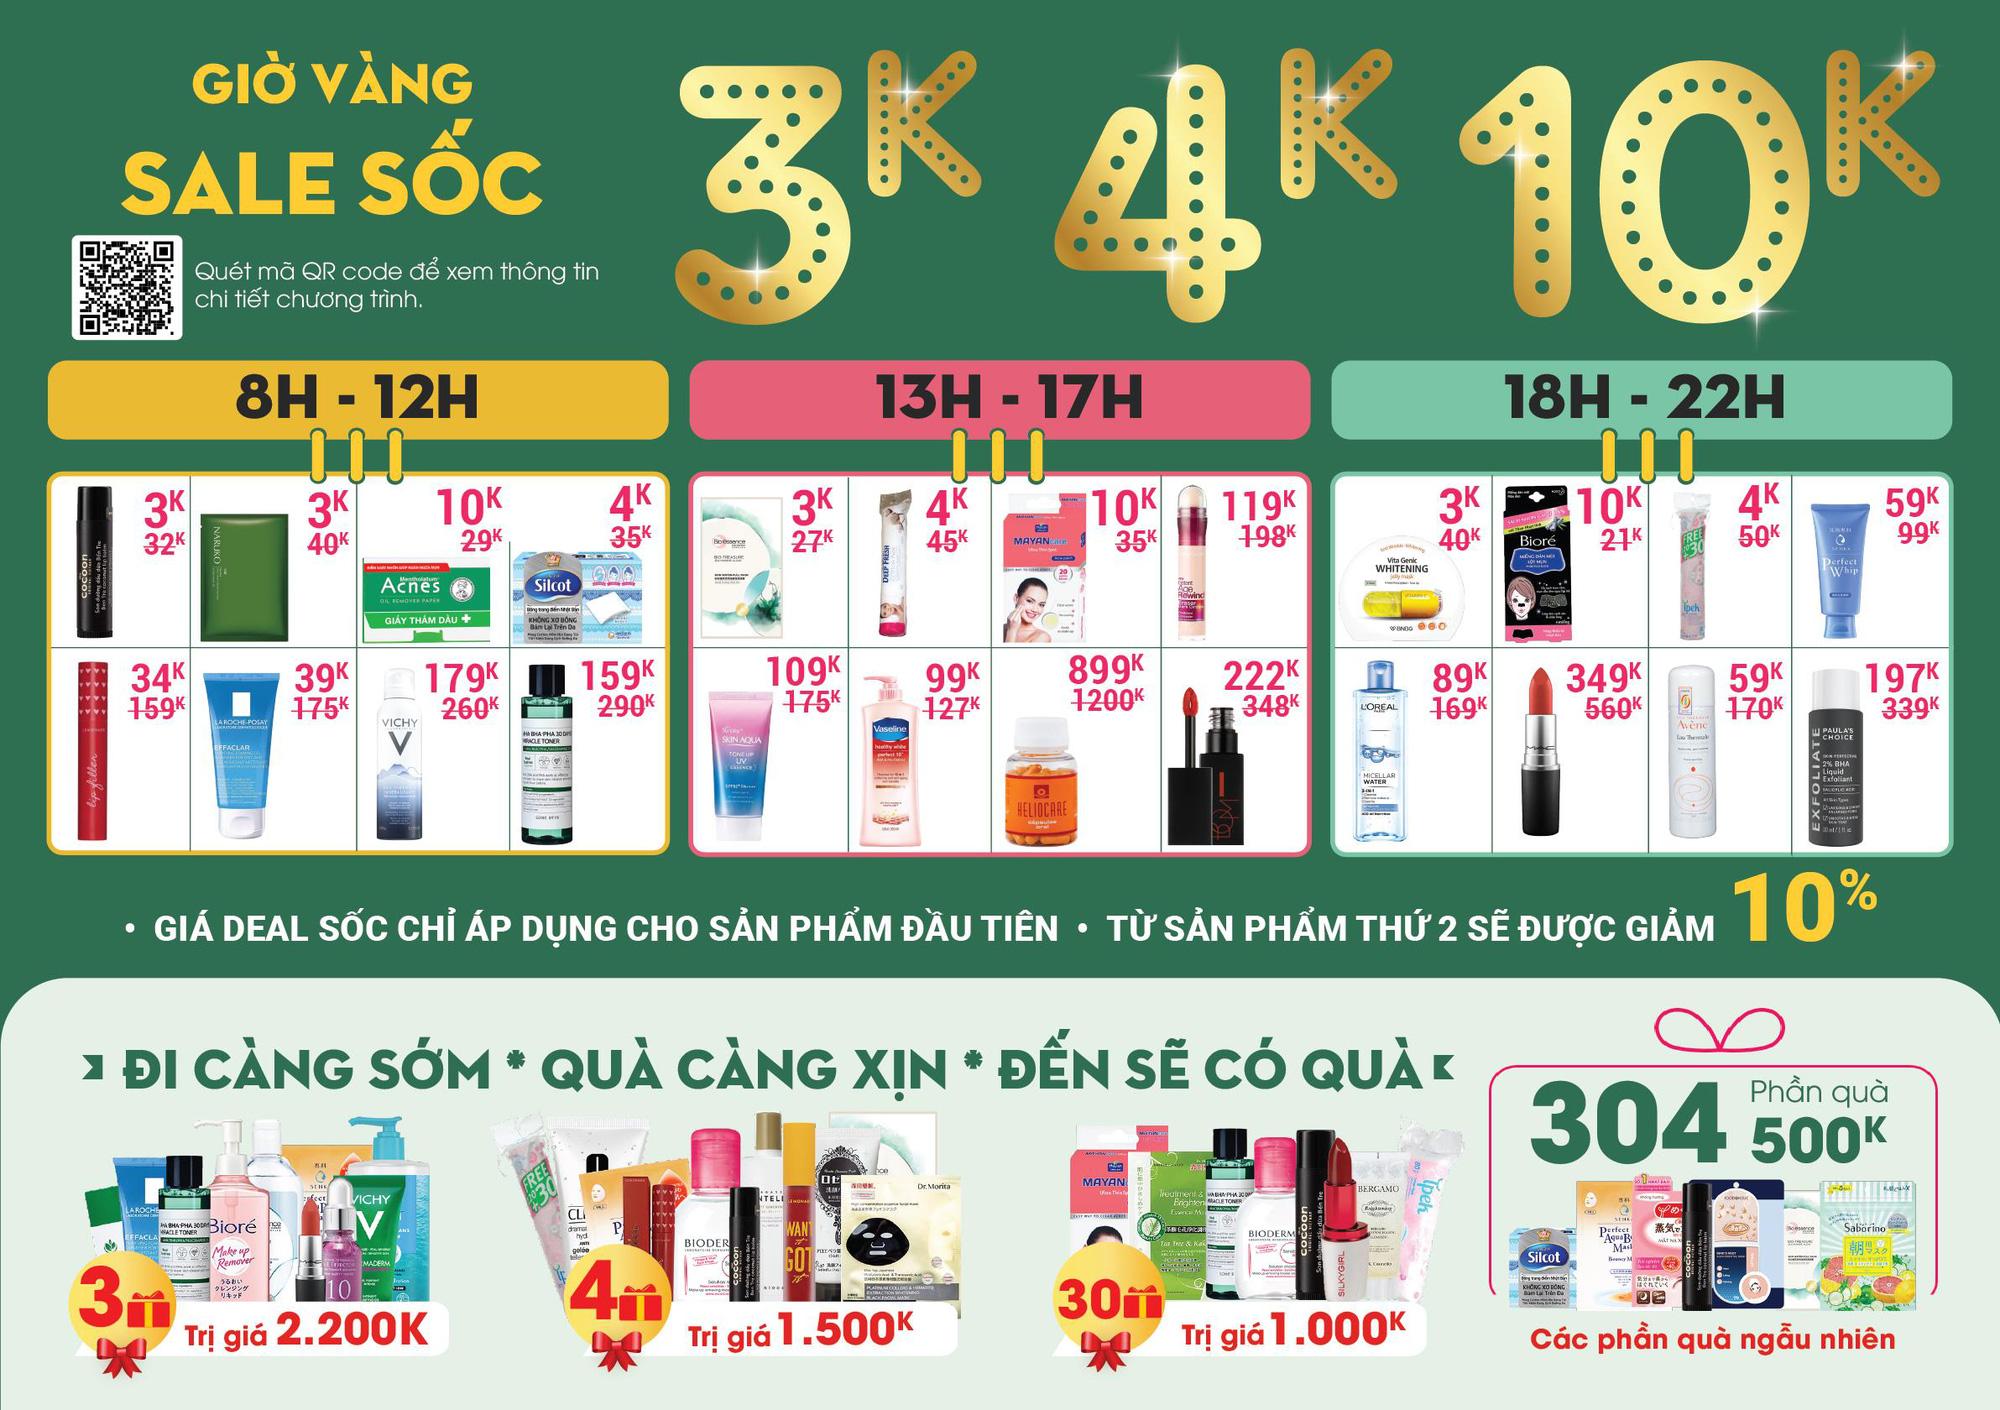 Bung lụa thôi các tín đồ làm đẹp Bình Tân vì Hasaki Beauty & S.P.A sắp khai trương chi nhánh 10 siêu to ở đây rồi! - Ảnh 4.